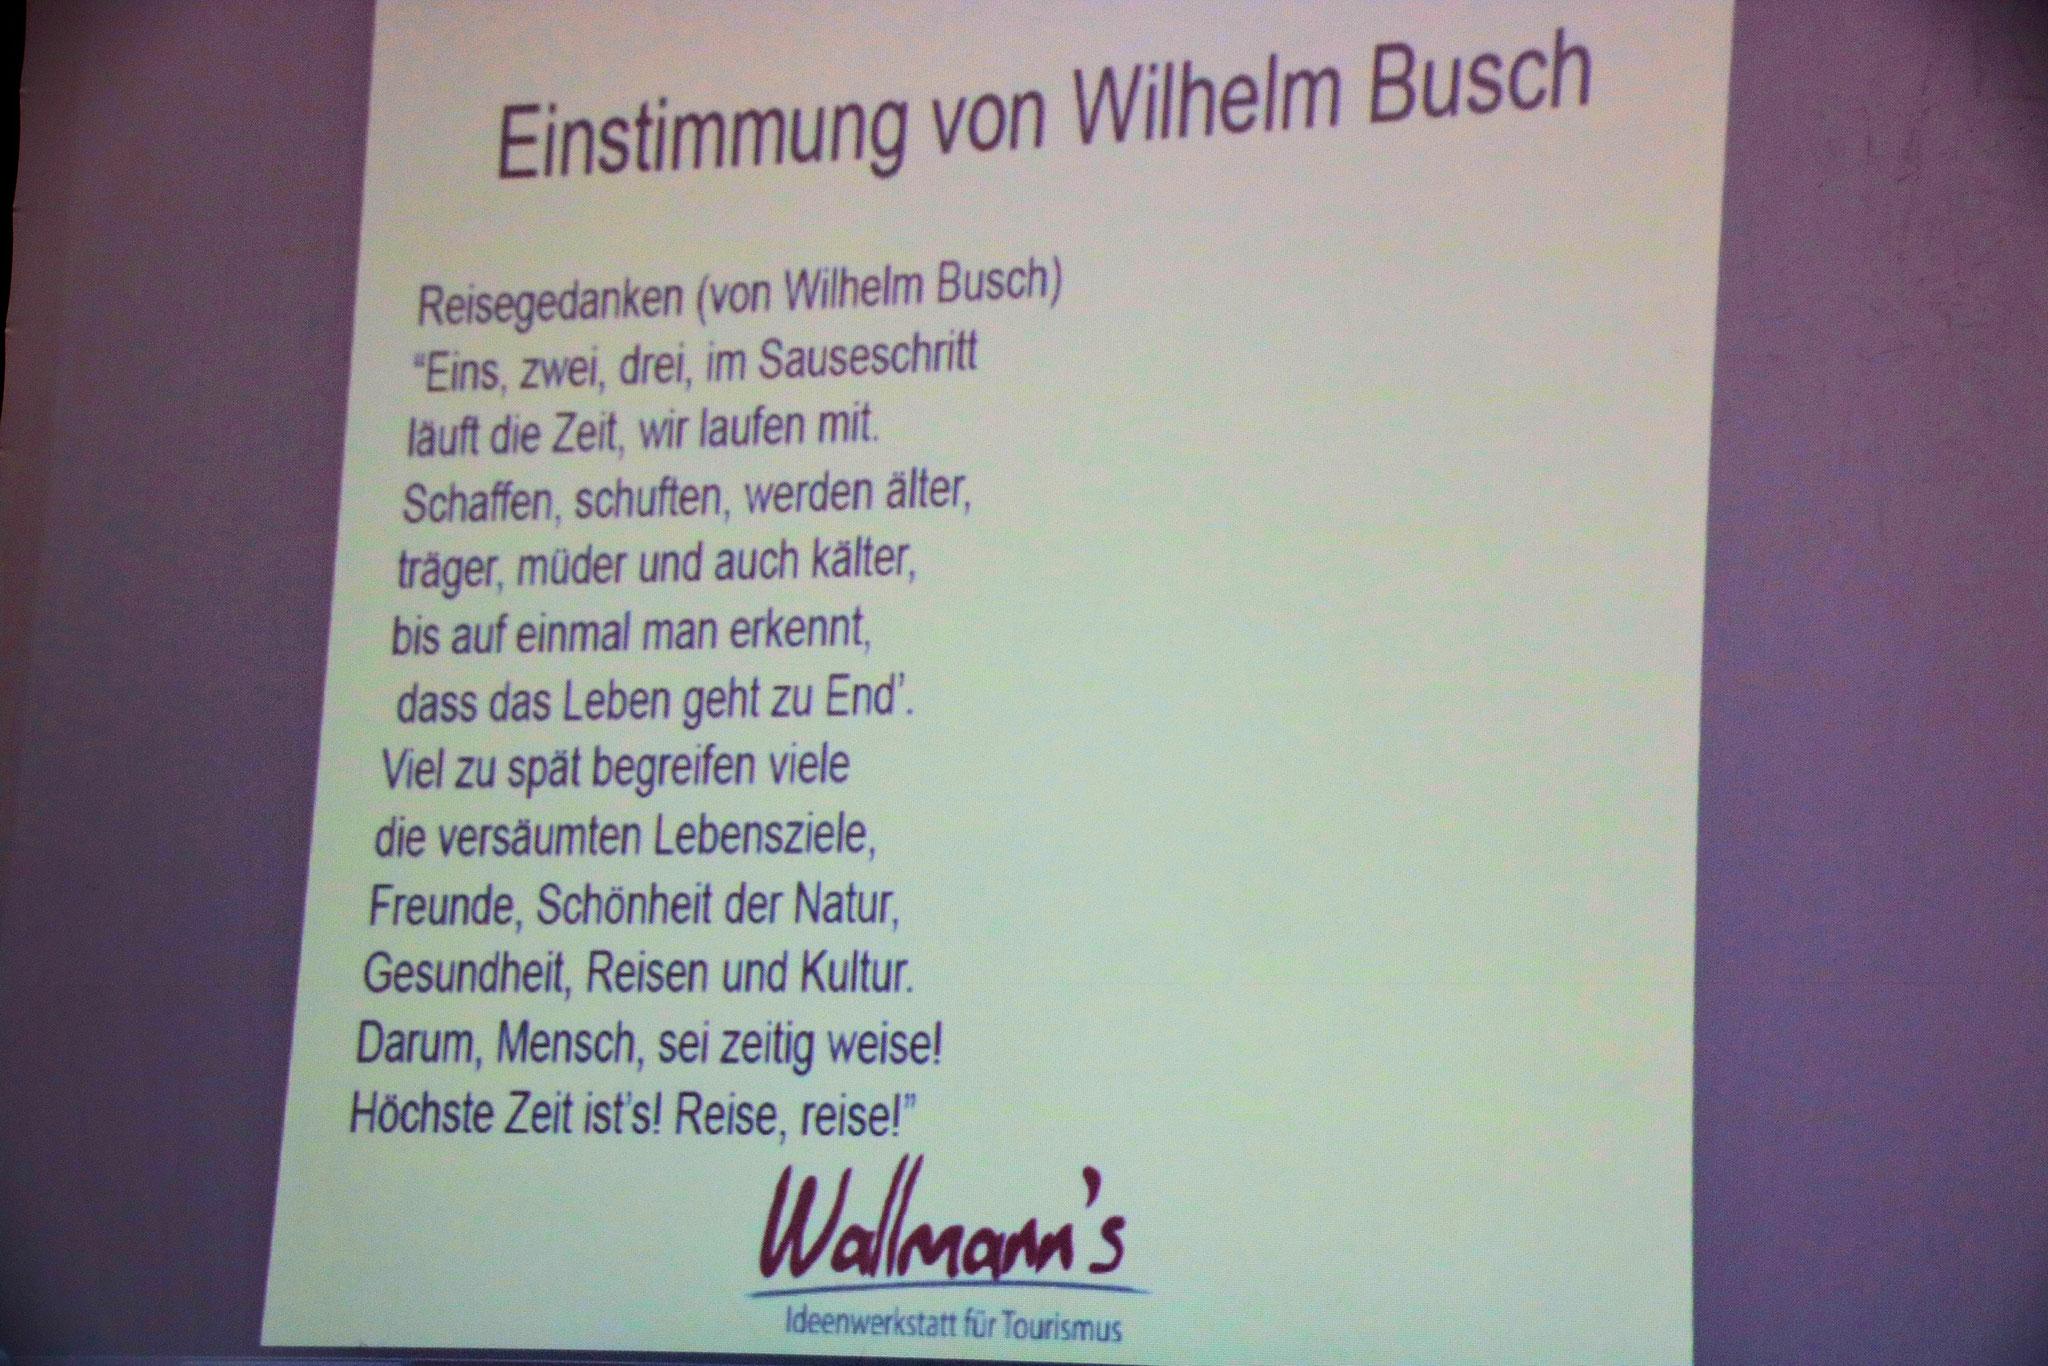 wilhelm busch - reise, reise - das braucht er mir nicht zweimal sagen -  © fenstergucker.com